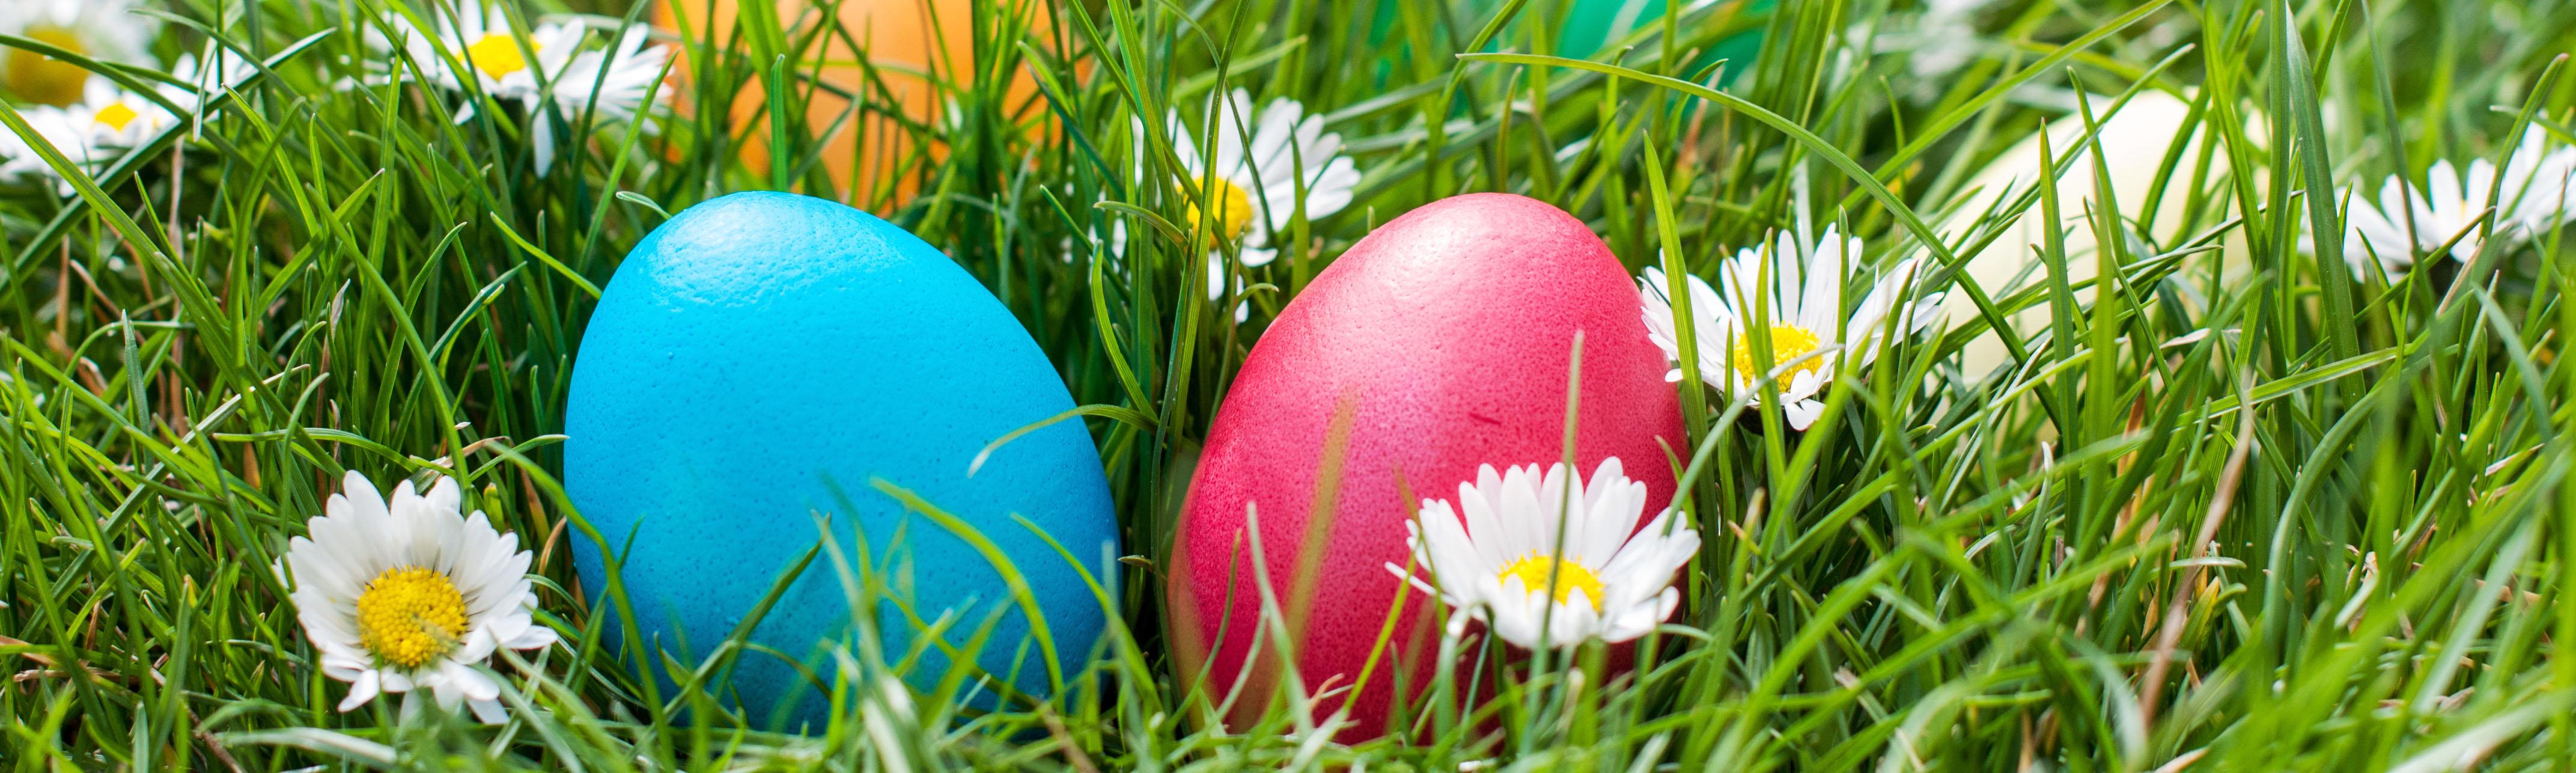 Easter egg hunt malvern garden buildings